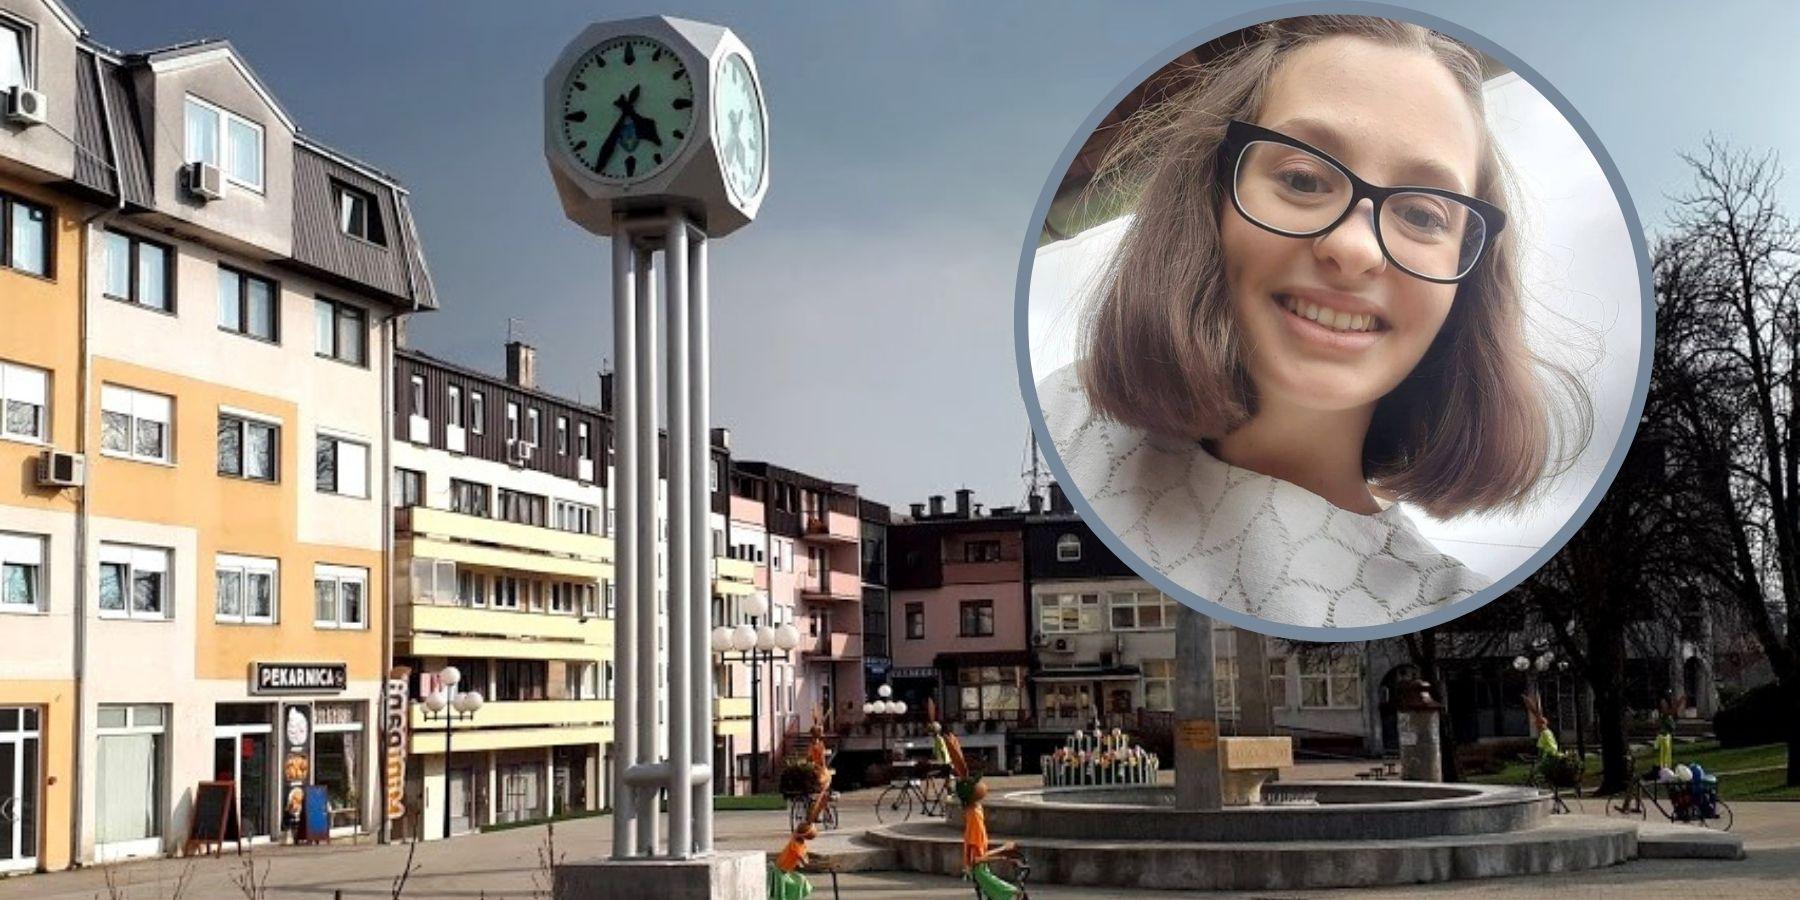 Garešnica osigurala liječnicu na šest godina, mlada Barbara veseli se skorom povratku u rodni grad